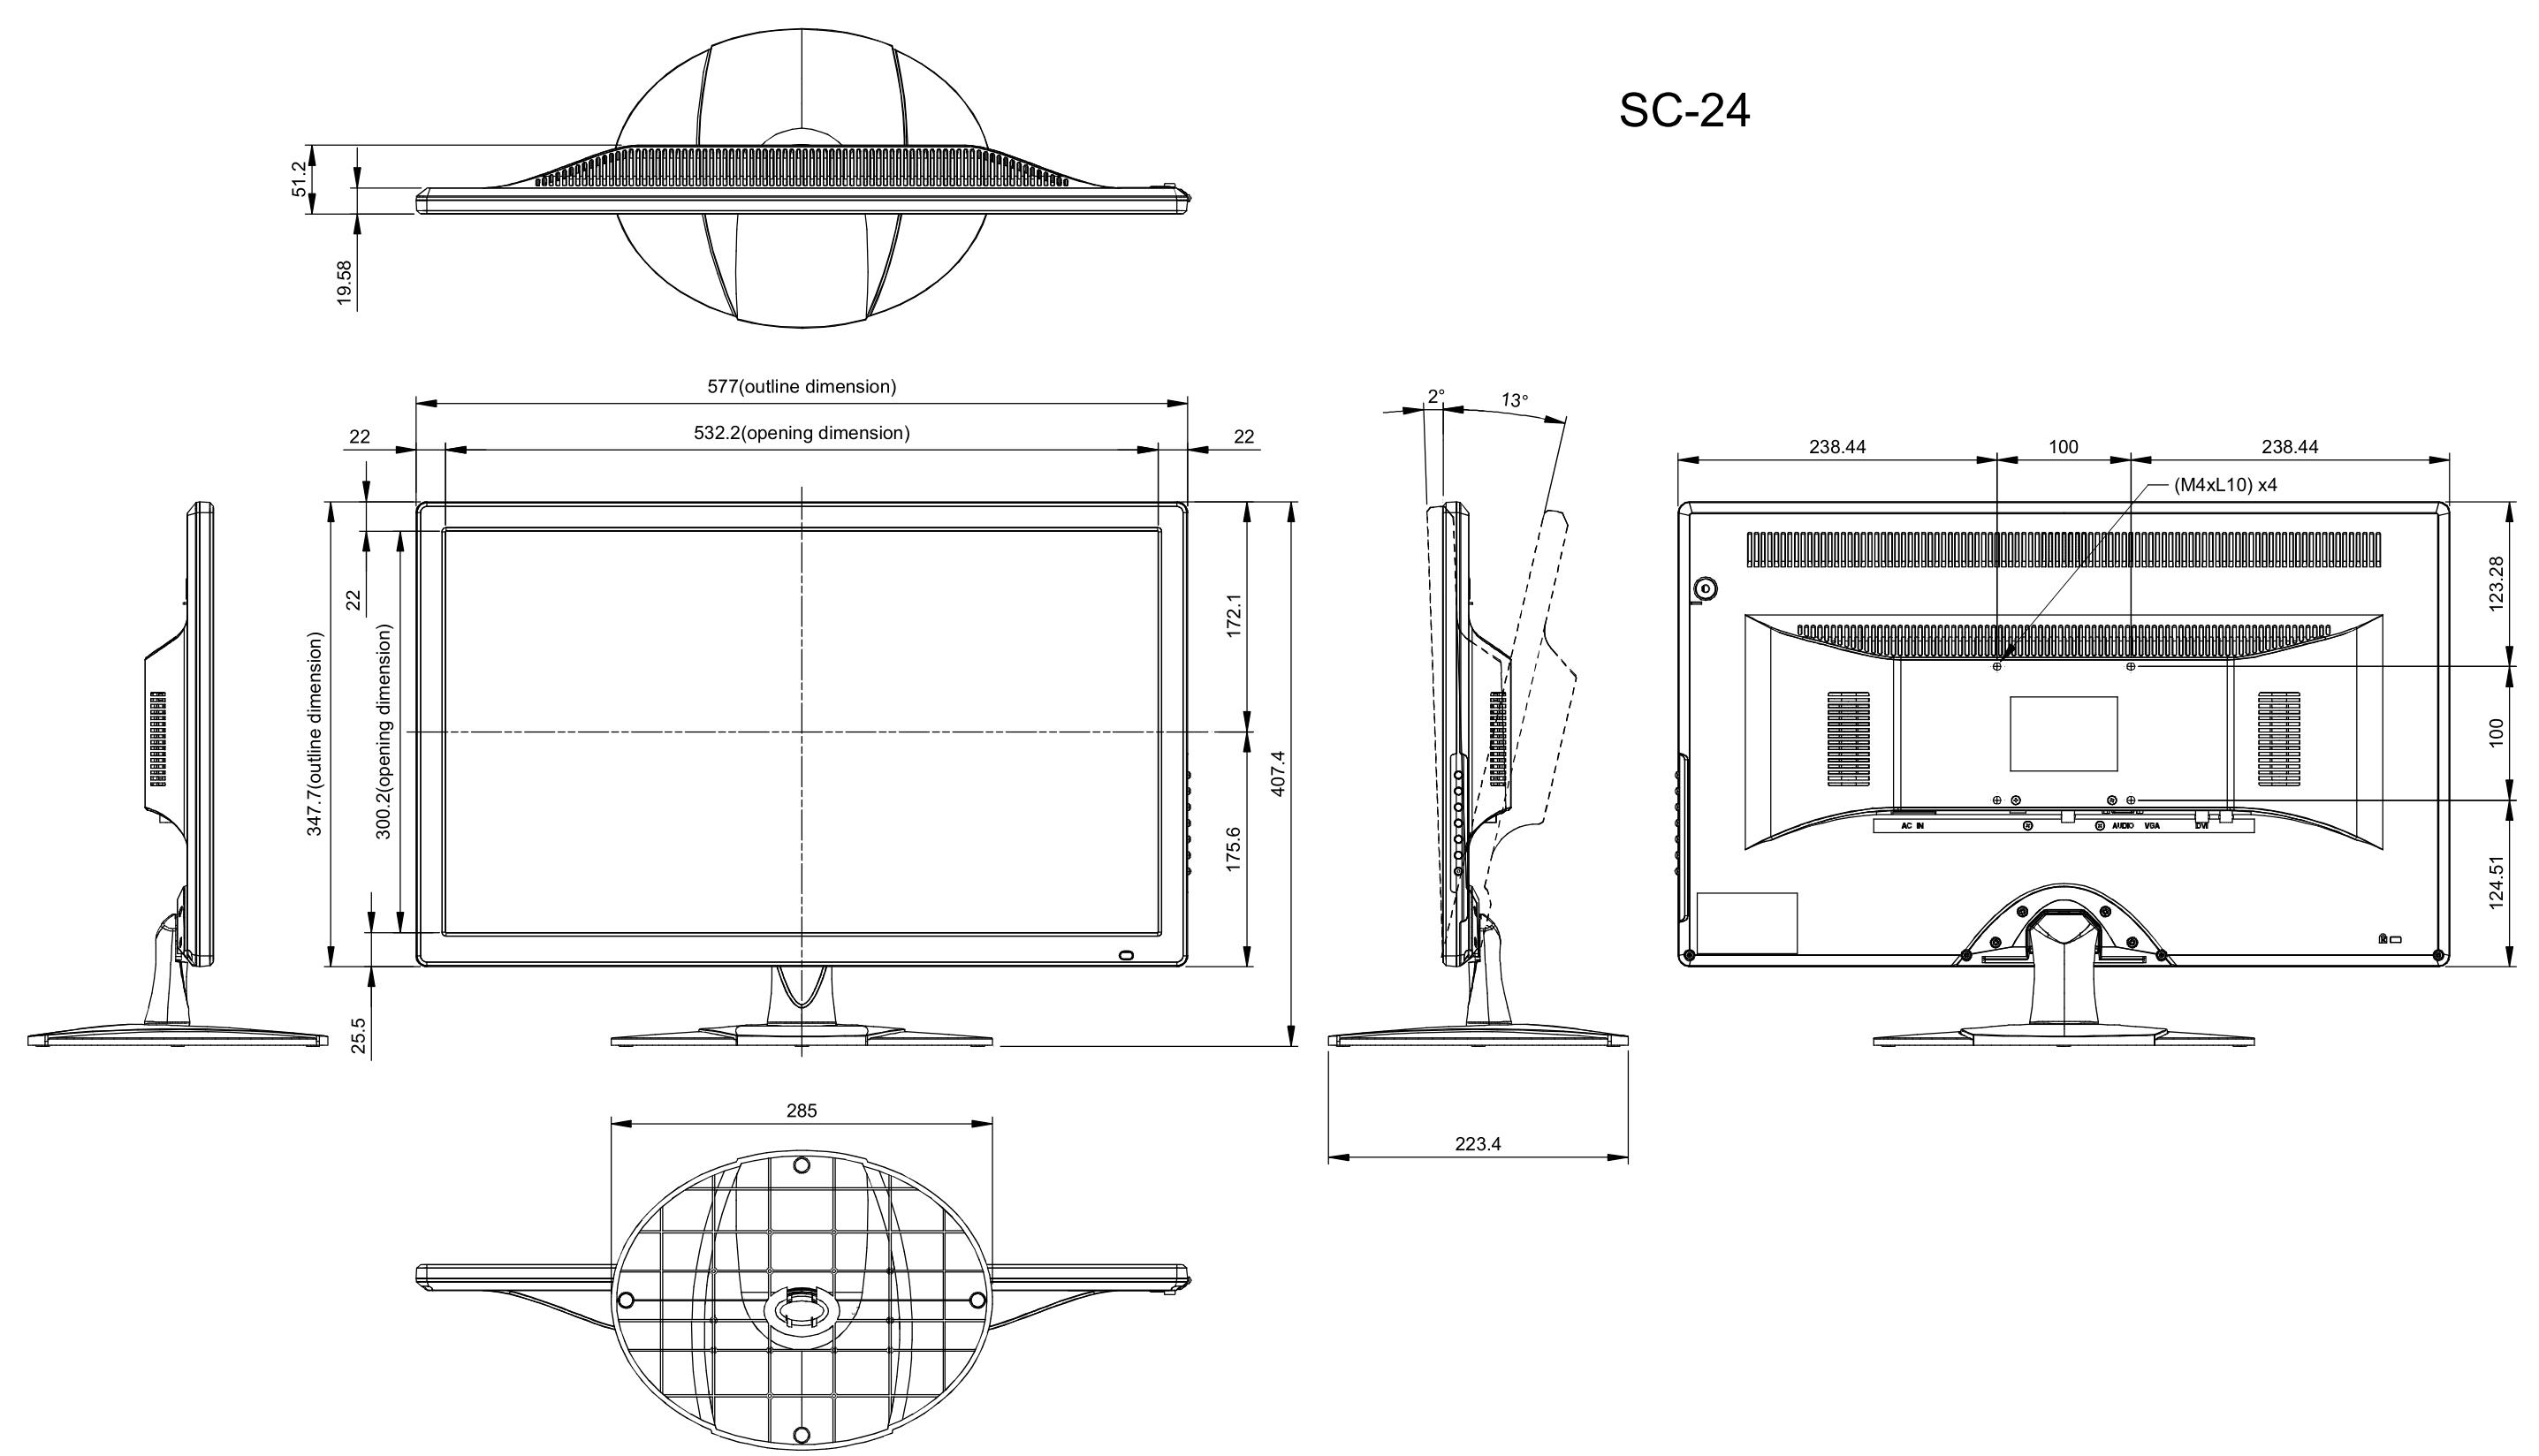 SC-24 - Wymiary monitora podane w mm.